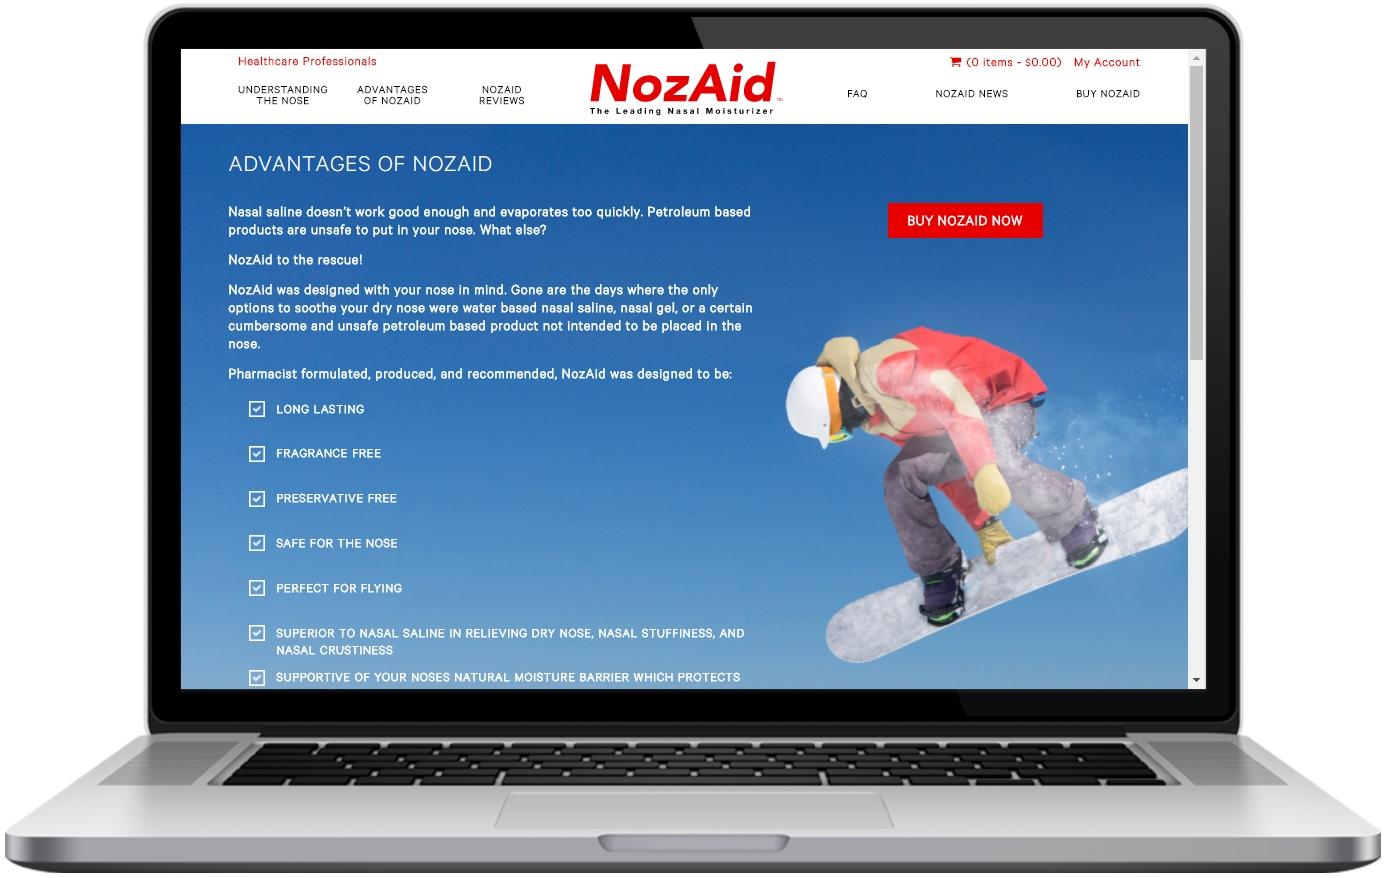 Nozaid Advantages